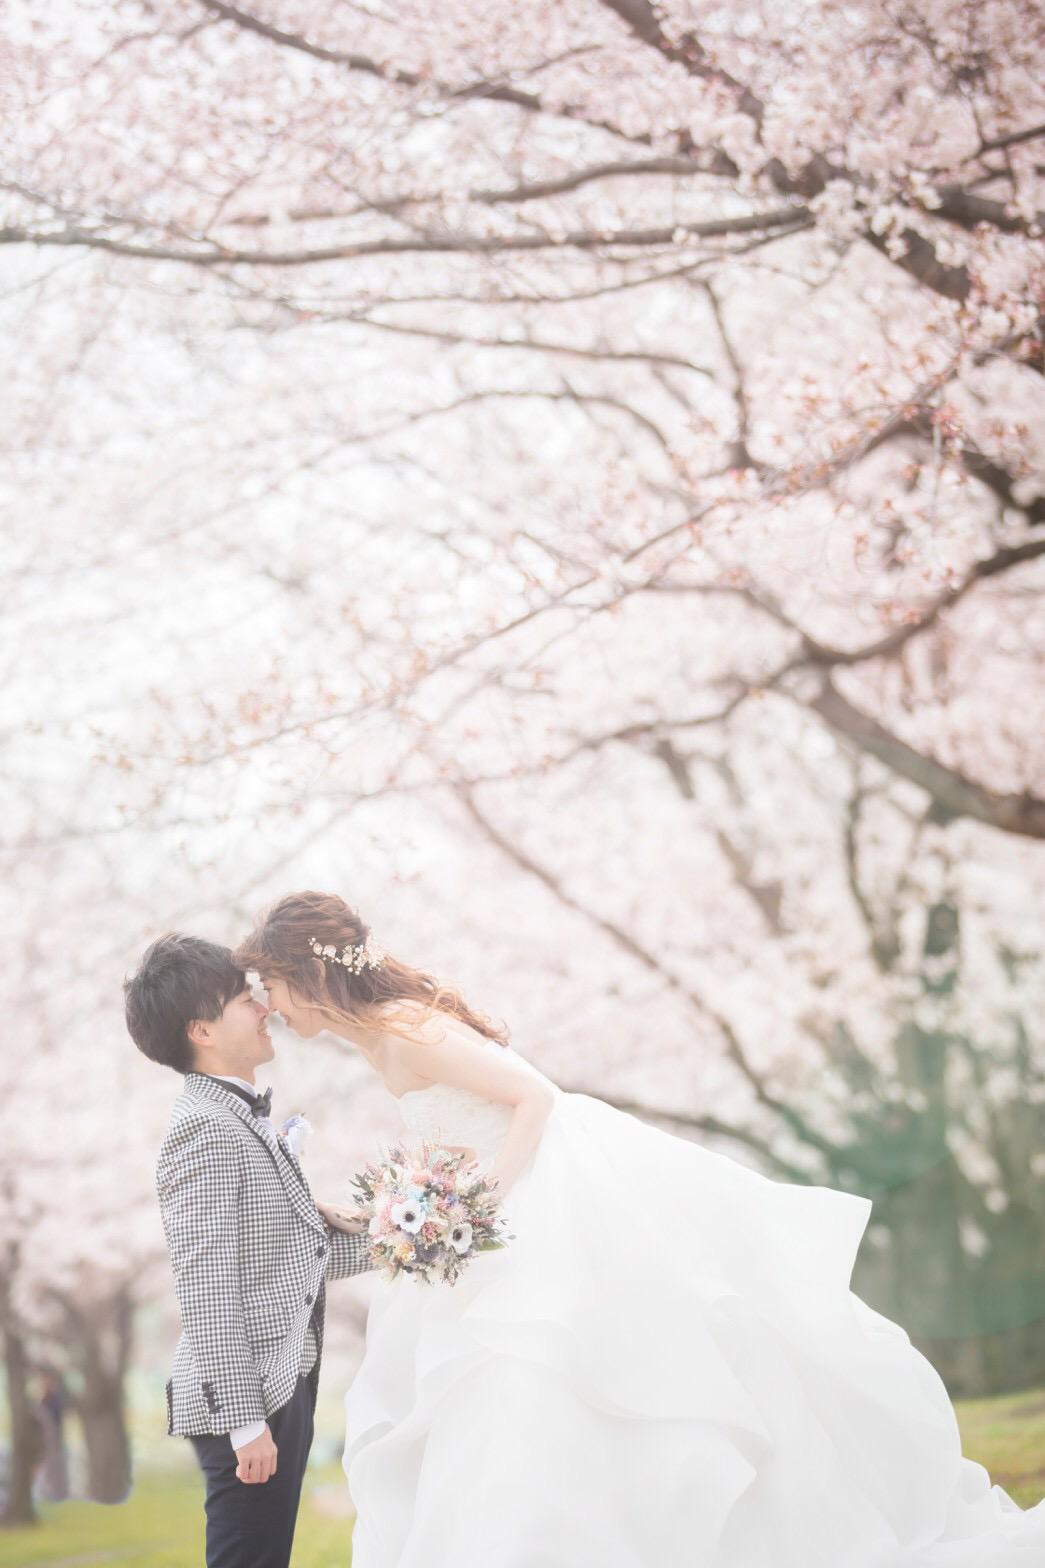 【桜ウェディング】桜満開の素敵なウェディングフォトを撮って頂きました♡_2